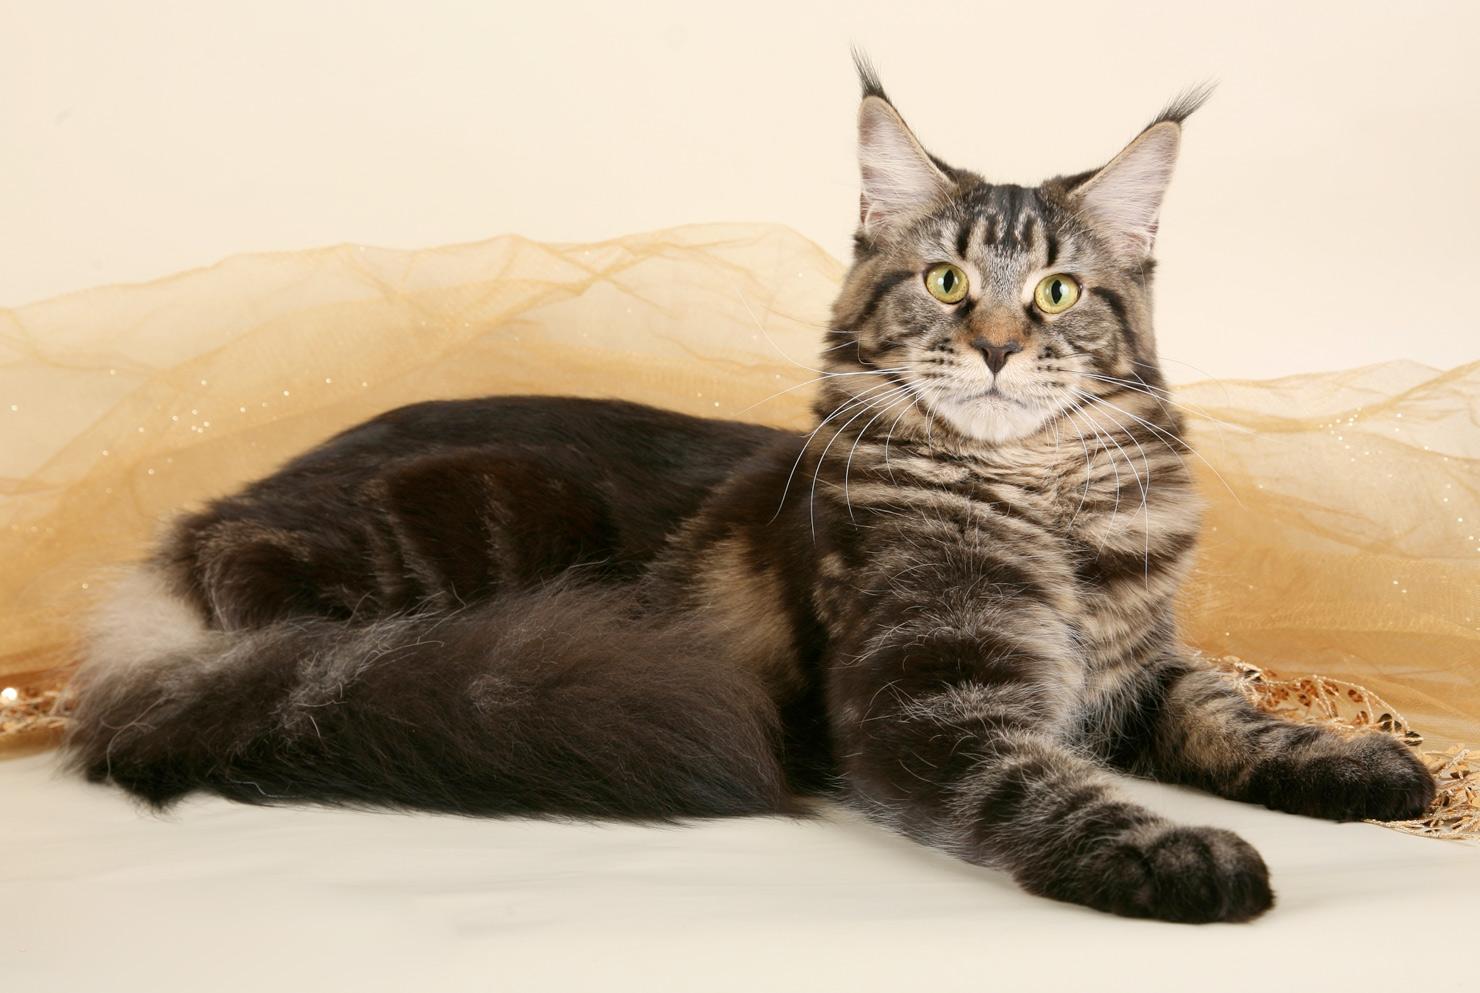 мейкун кошка фото вес же, под списком